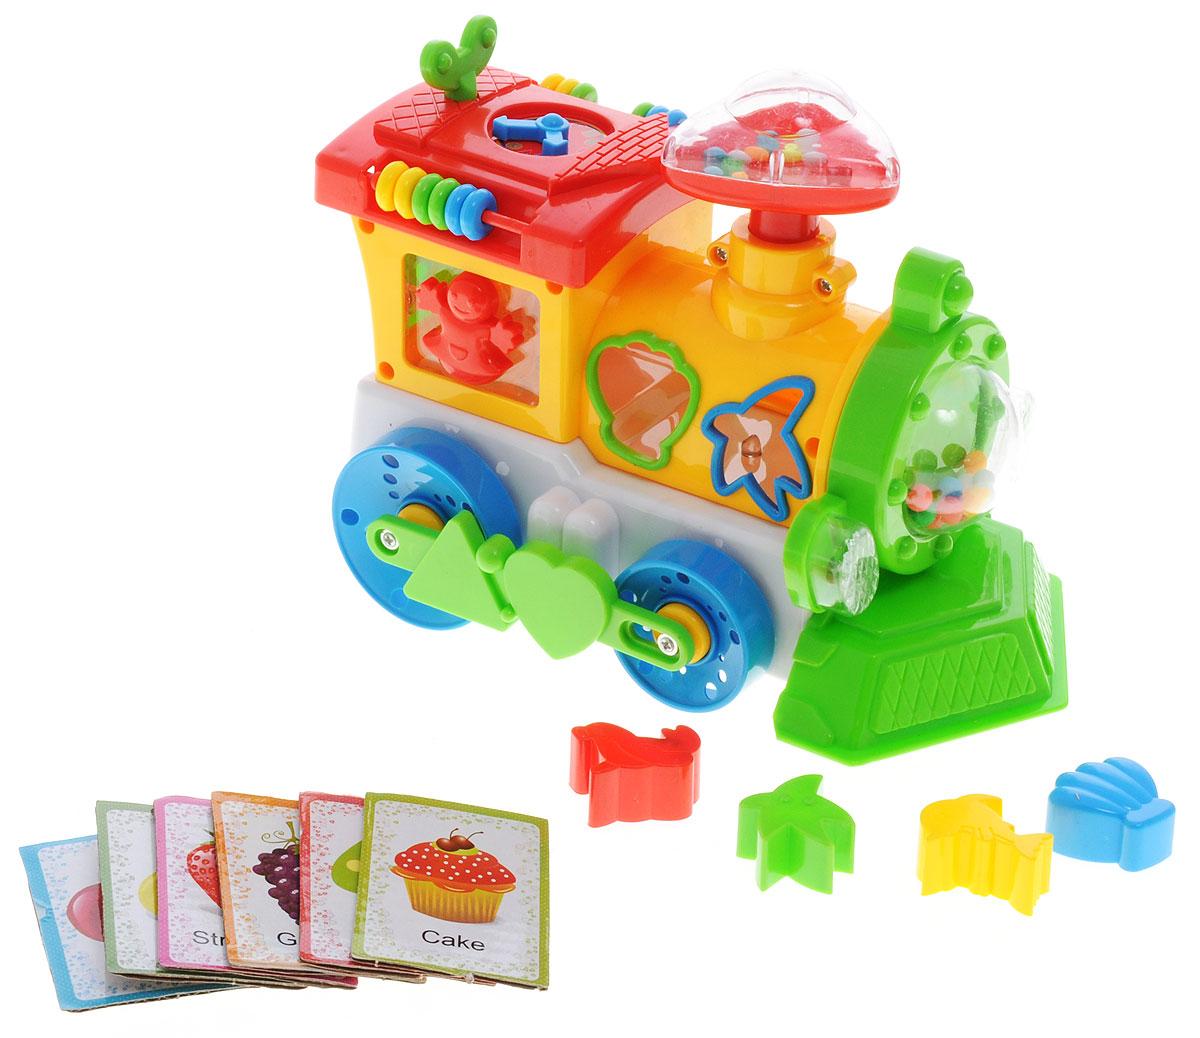 Plastic Toy Развивающая игрушка Музыкальный паровозик цвет желтыйB1002796R_желтыйНа этапе развития для малышей крайне важны игрушки, нацеленные на изучение интонации, формы и цвета. Также будет хорошо, если игры будут сопровождаться музыкальными звуками. Для этого очень хорошо подойдет такая развивающая игрушка, как музыкальный паровозик Plastic Toy. Эта игрушка предназначена для малышей с трехлетнего возраста и непременно вызовет огромный интерес у каждого малыша. Музыкальный паровозик - это очень яркая и привлекательная игрушка, которая позволяет малышу развивать мелкую моторику, звуковое и тактильное восприятие, она также будет побуждать малыша к активным действиям. С этой игрушкой малыш начинает познавать окружающий мир. Паровозик имеет световые и звуковые эффекты. В комплект входят обучающие карточки для изучения английского языка. Необходимо купить 3 батарейки типа АА (не входят в комплект).